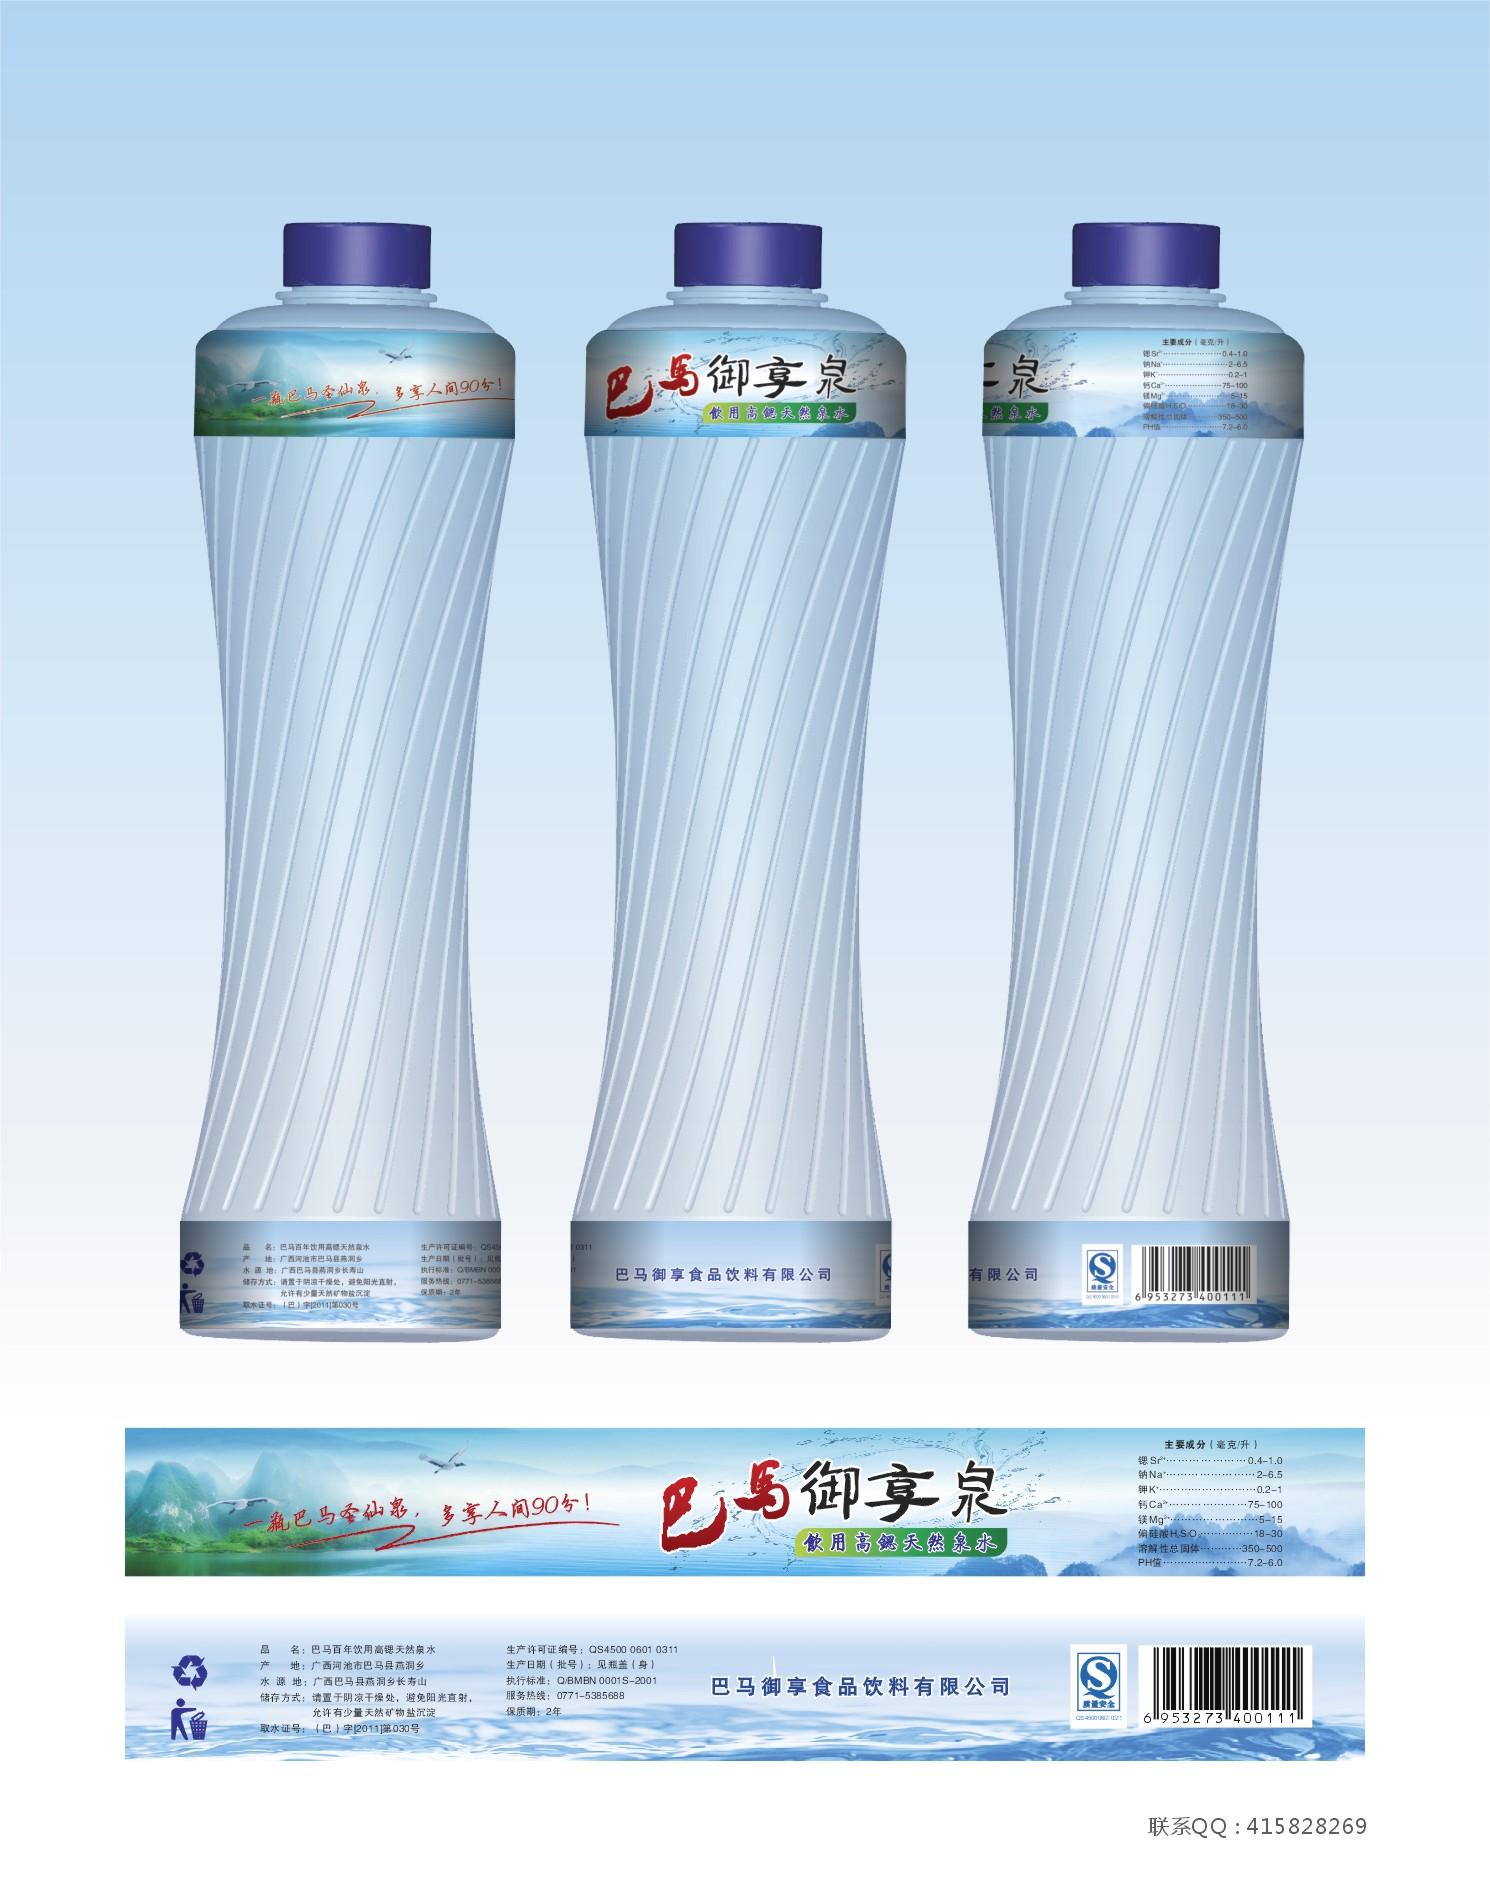 设计矿泉水瓶和标签